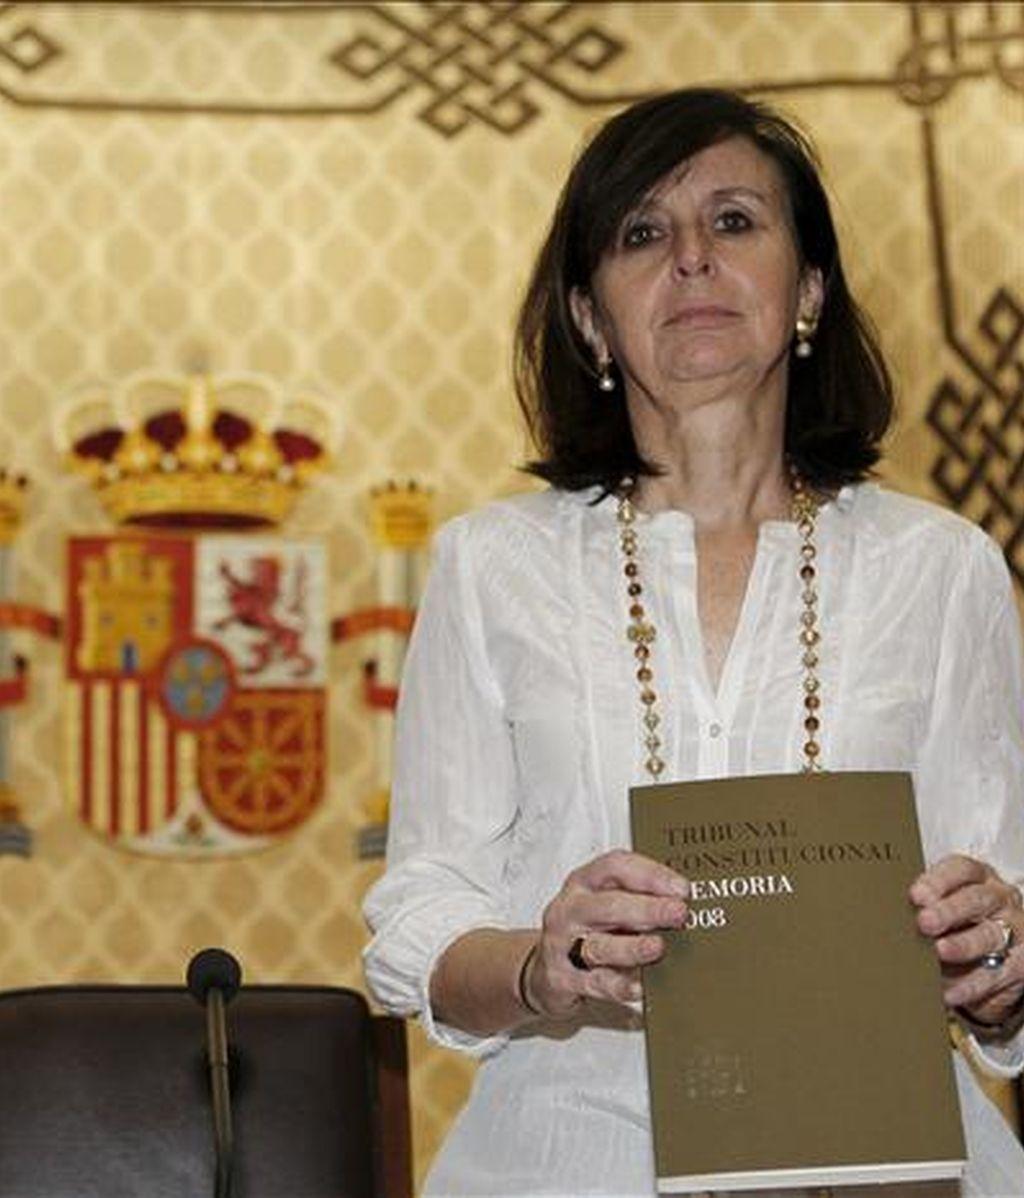 La presidenta del Tribunal Constitucional, María Emilia Casas, durante la presentación hoy en Madrid de la Memoria correspondiente a la actividad del Tribunal durante el año 2008. EFE